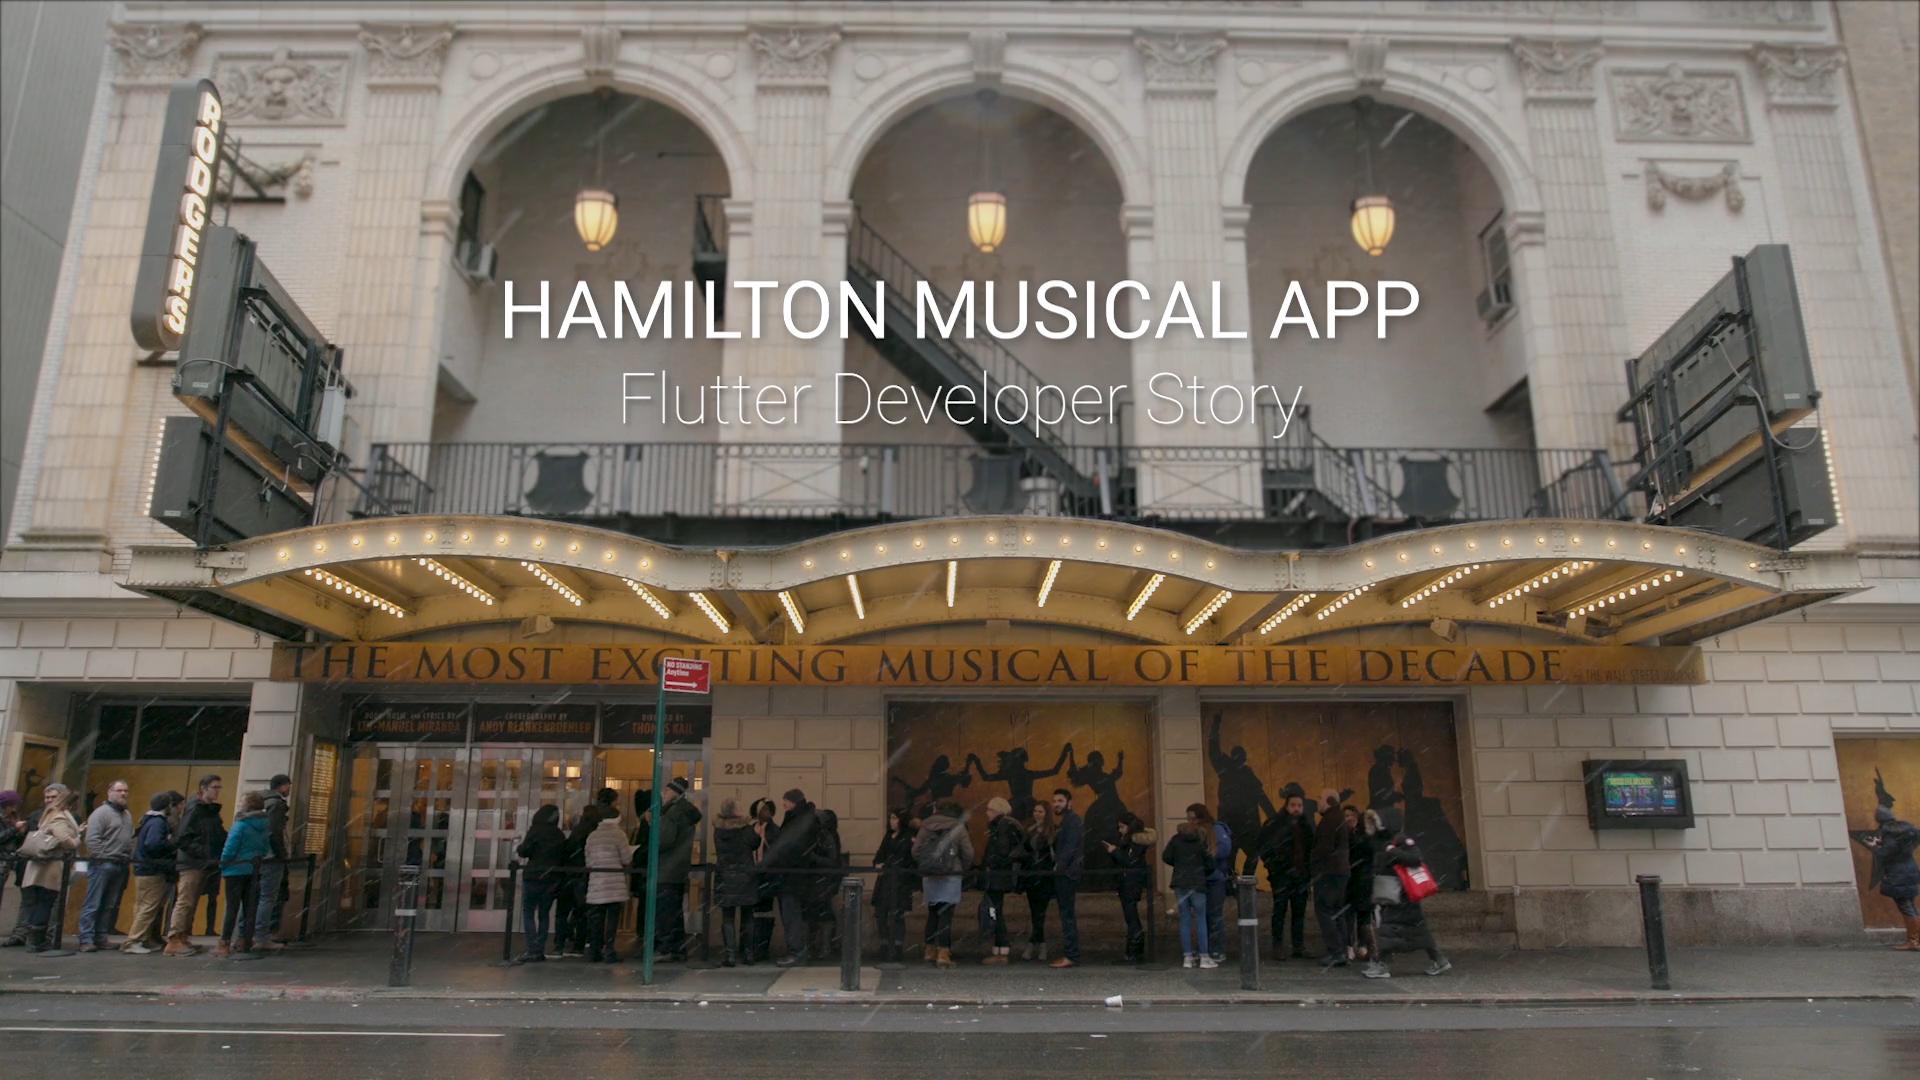 Hamilton Musical App: Flutter Developer Story - Rocketship